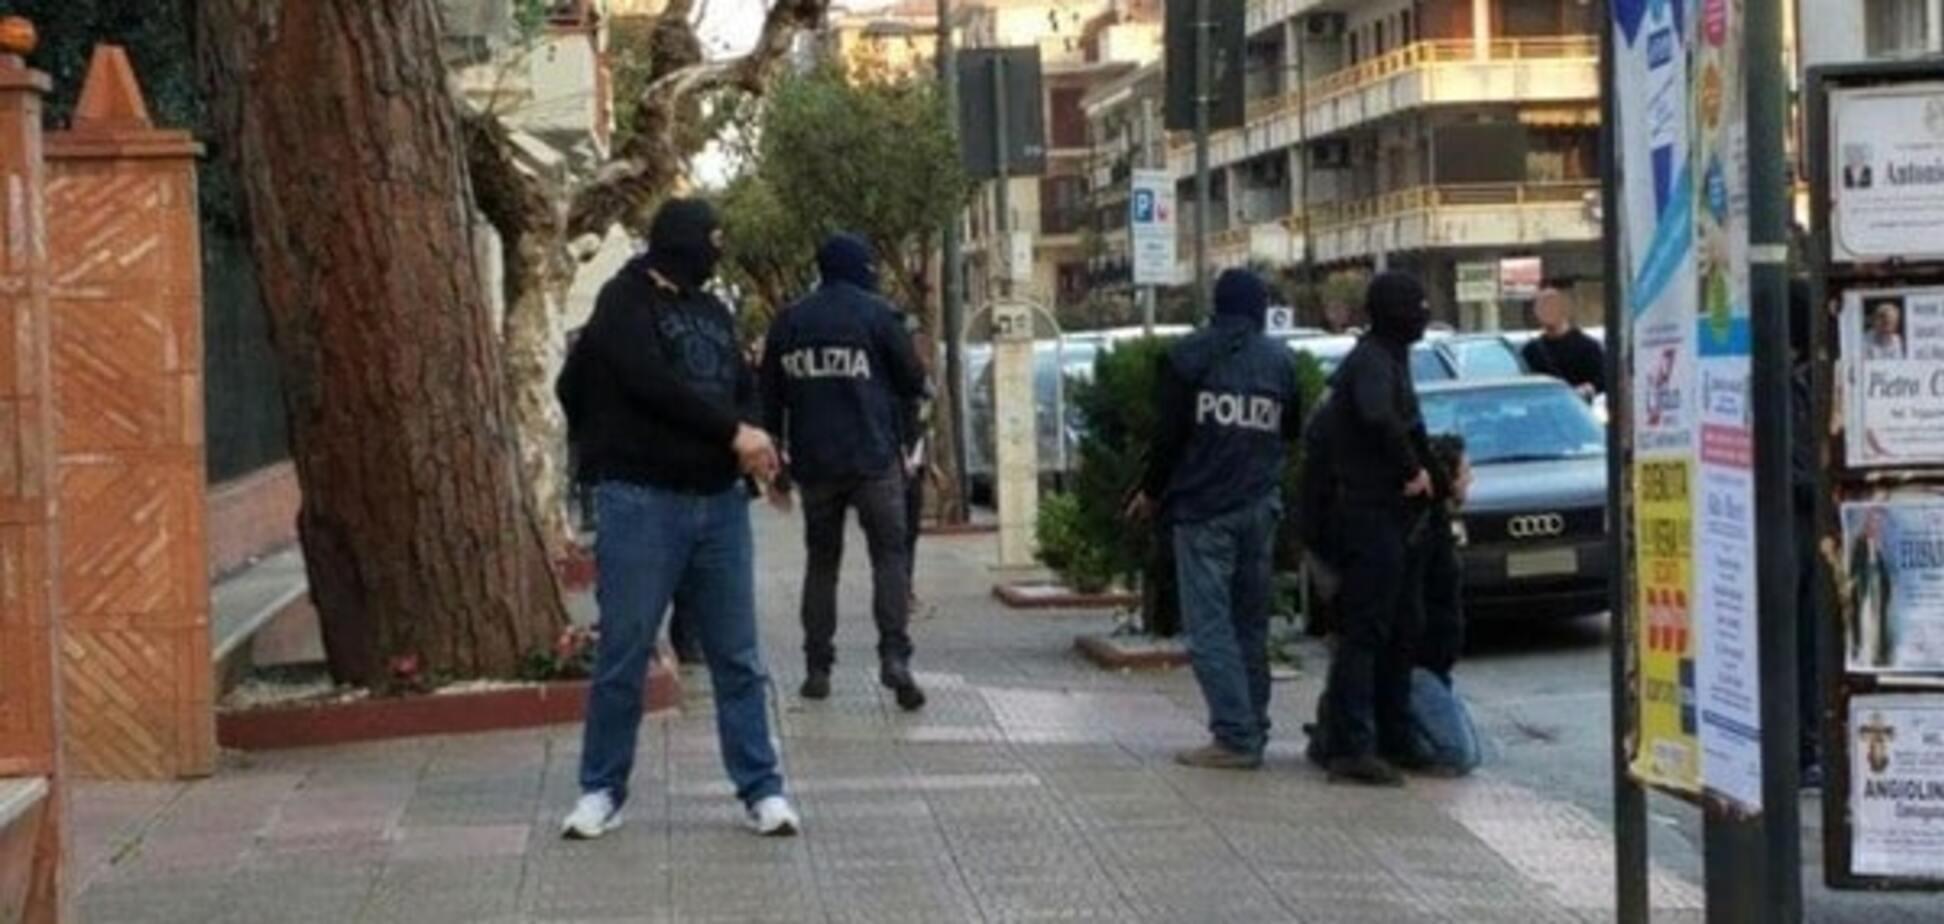 Задержан потенциальный виновник терактов в Брюсселе